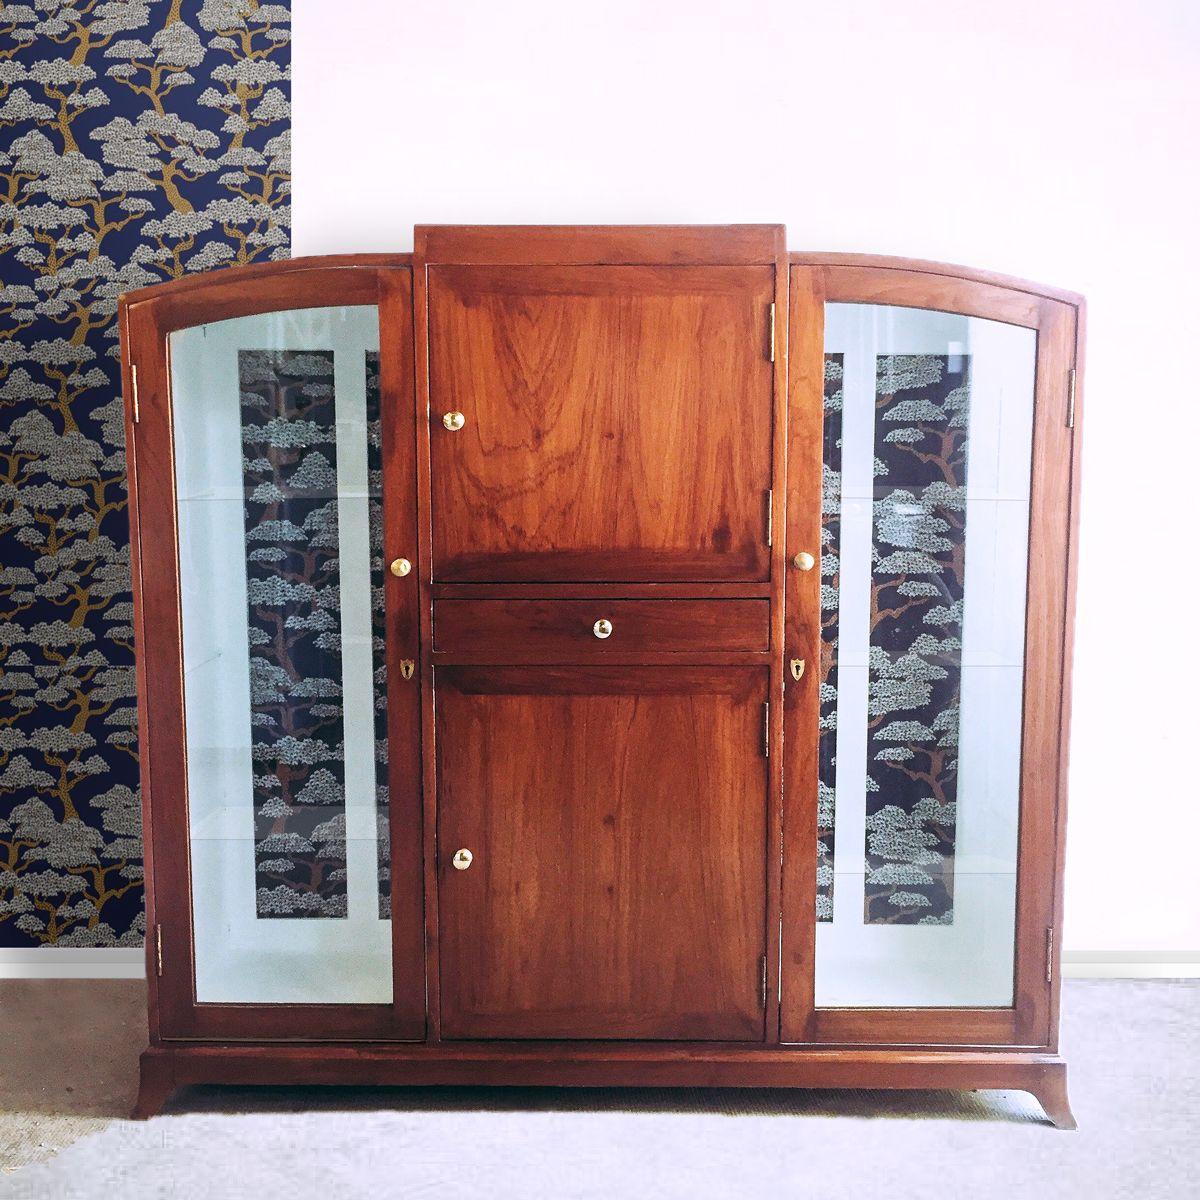 Vitrine Art Deco 380 Jolie Vitrine Art Deco Style Moderniste En Acajou Fabrique En Inde Dans Les Annees 30 L Int Meubles Art Deco Relooking Meuble Deco